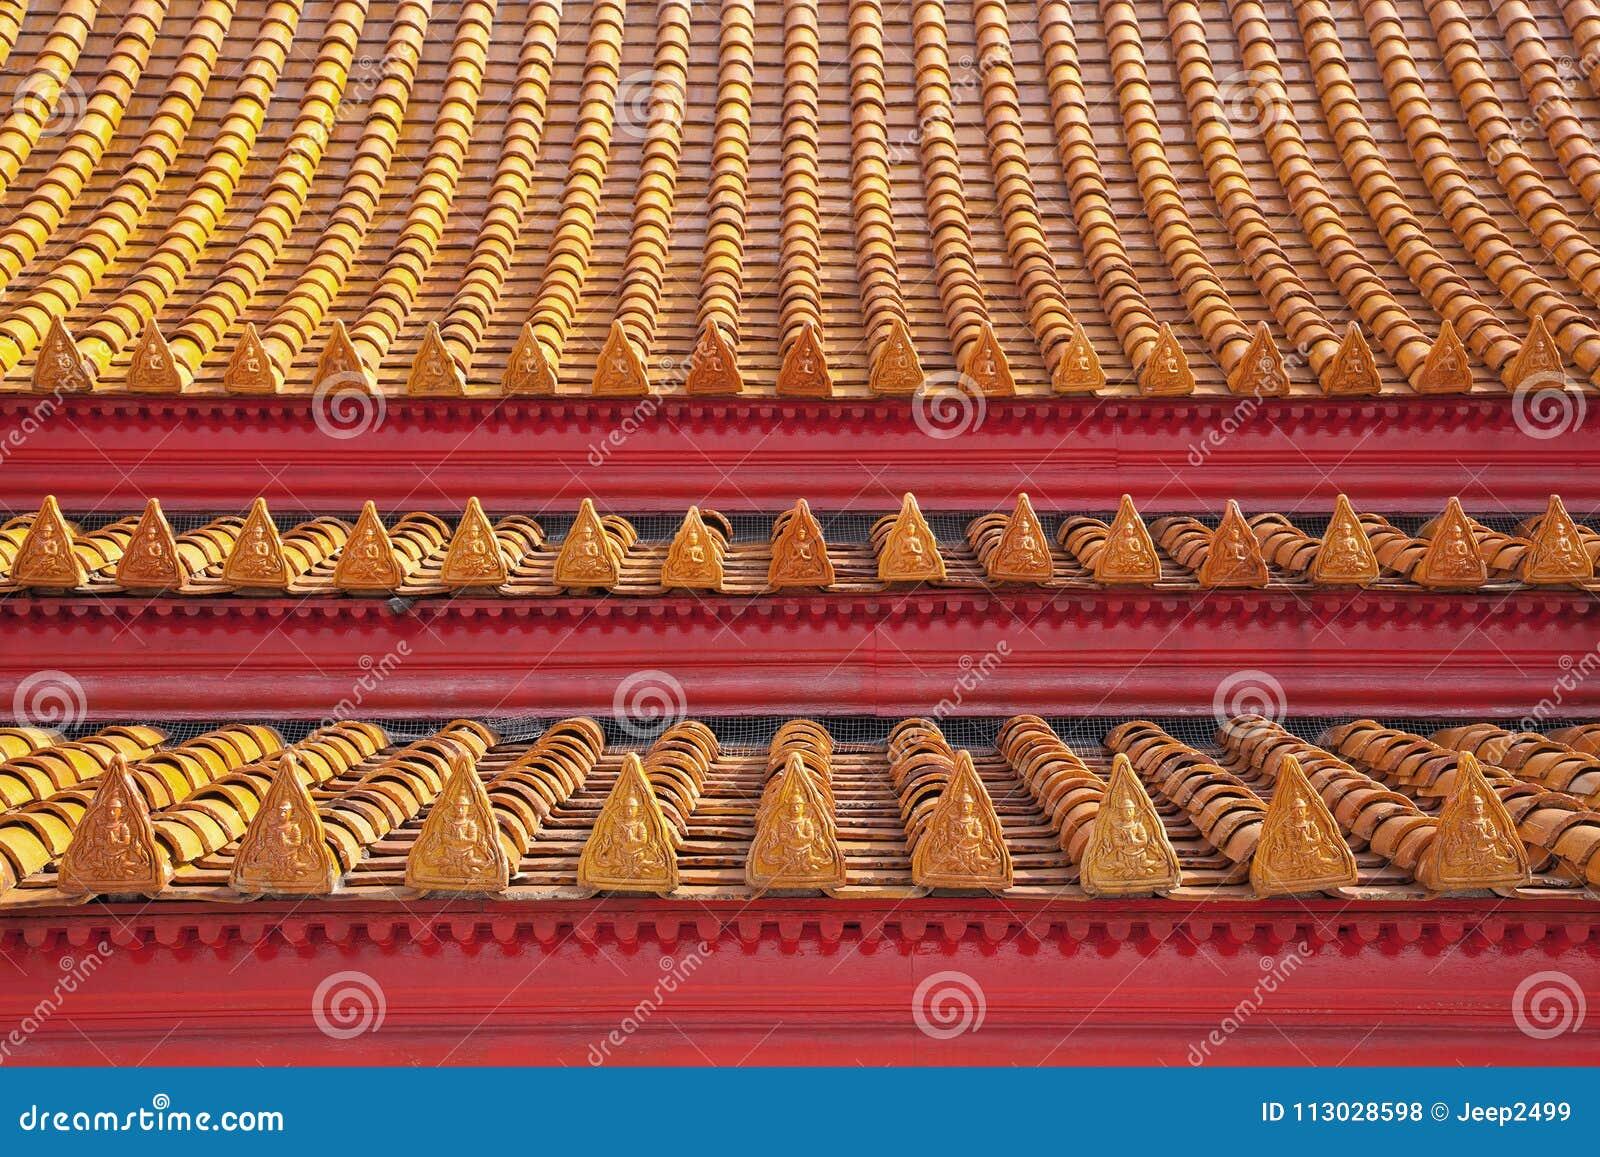 Modelos hermosos del color de las tejas de tejado del templo